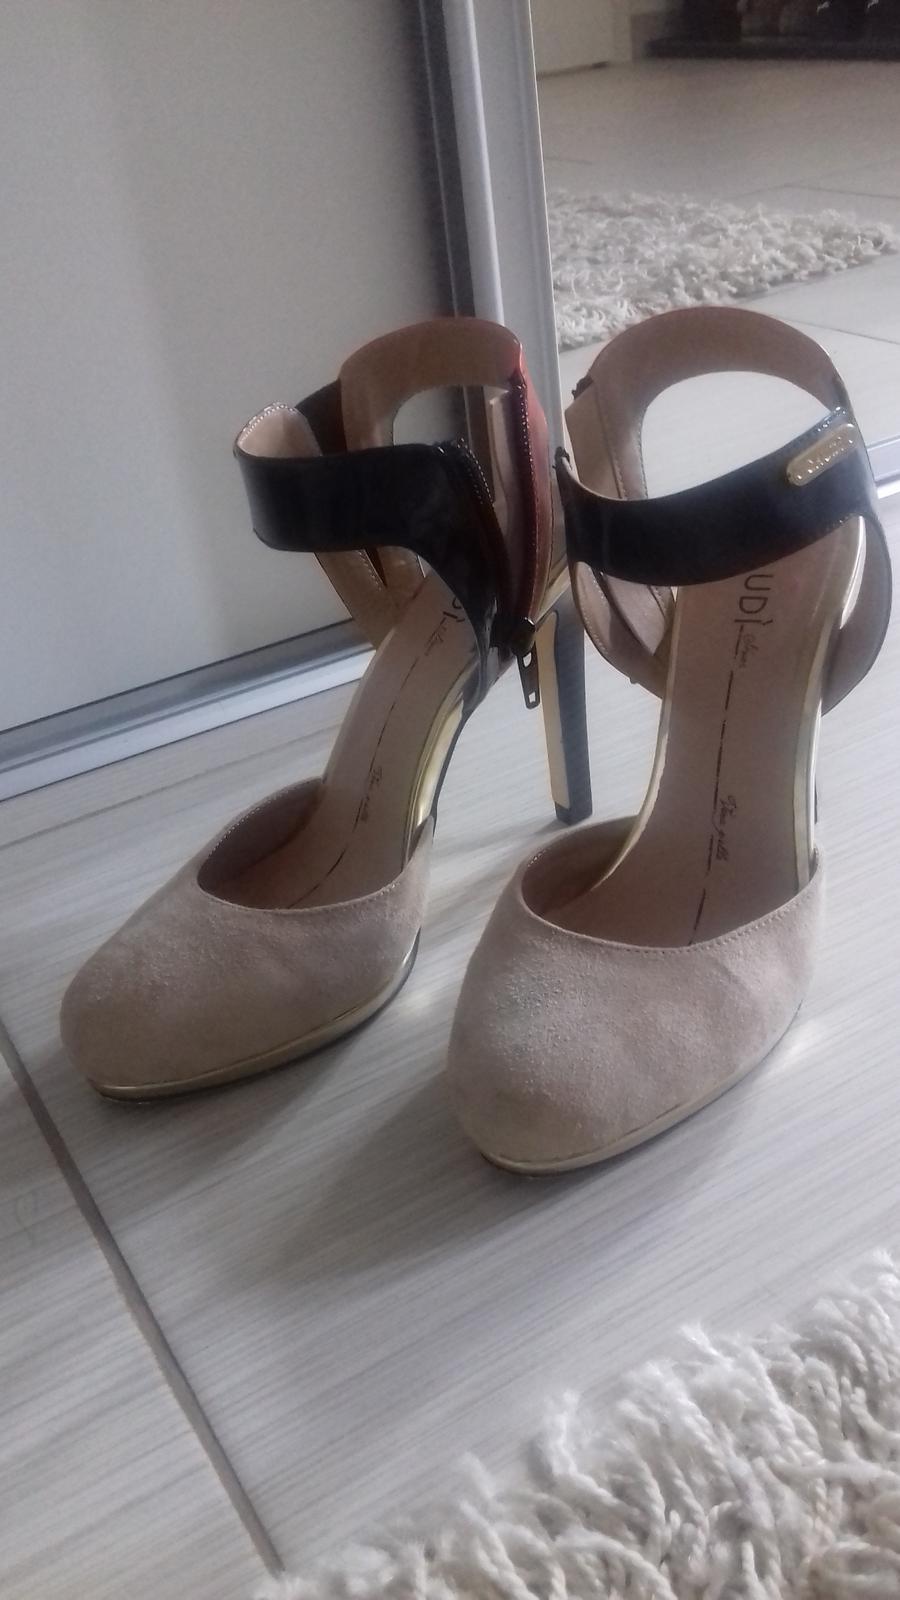 Sandalky GAUDI - Obrázok č. 4